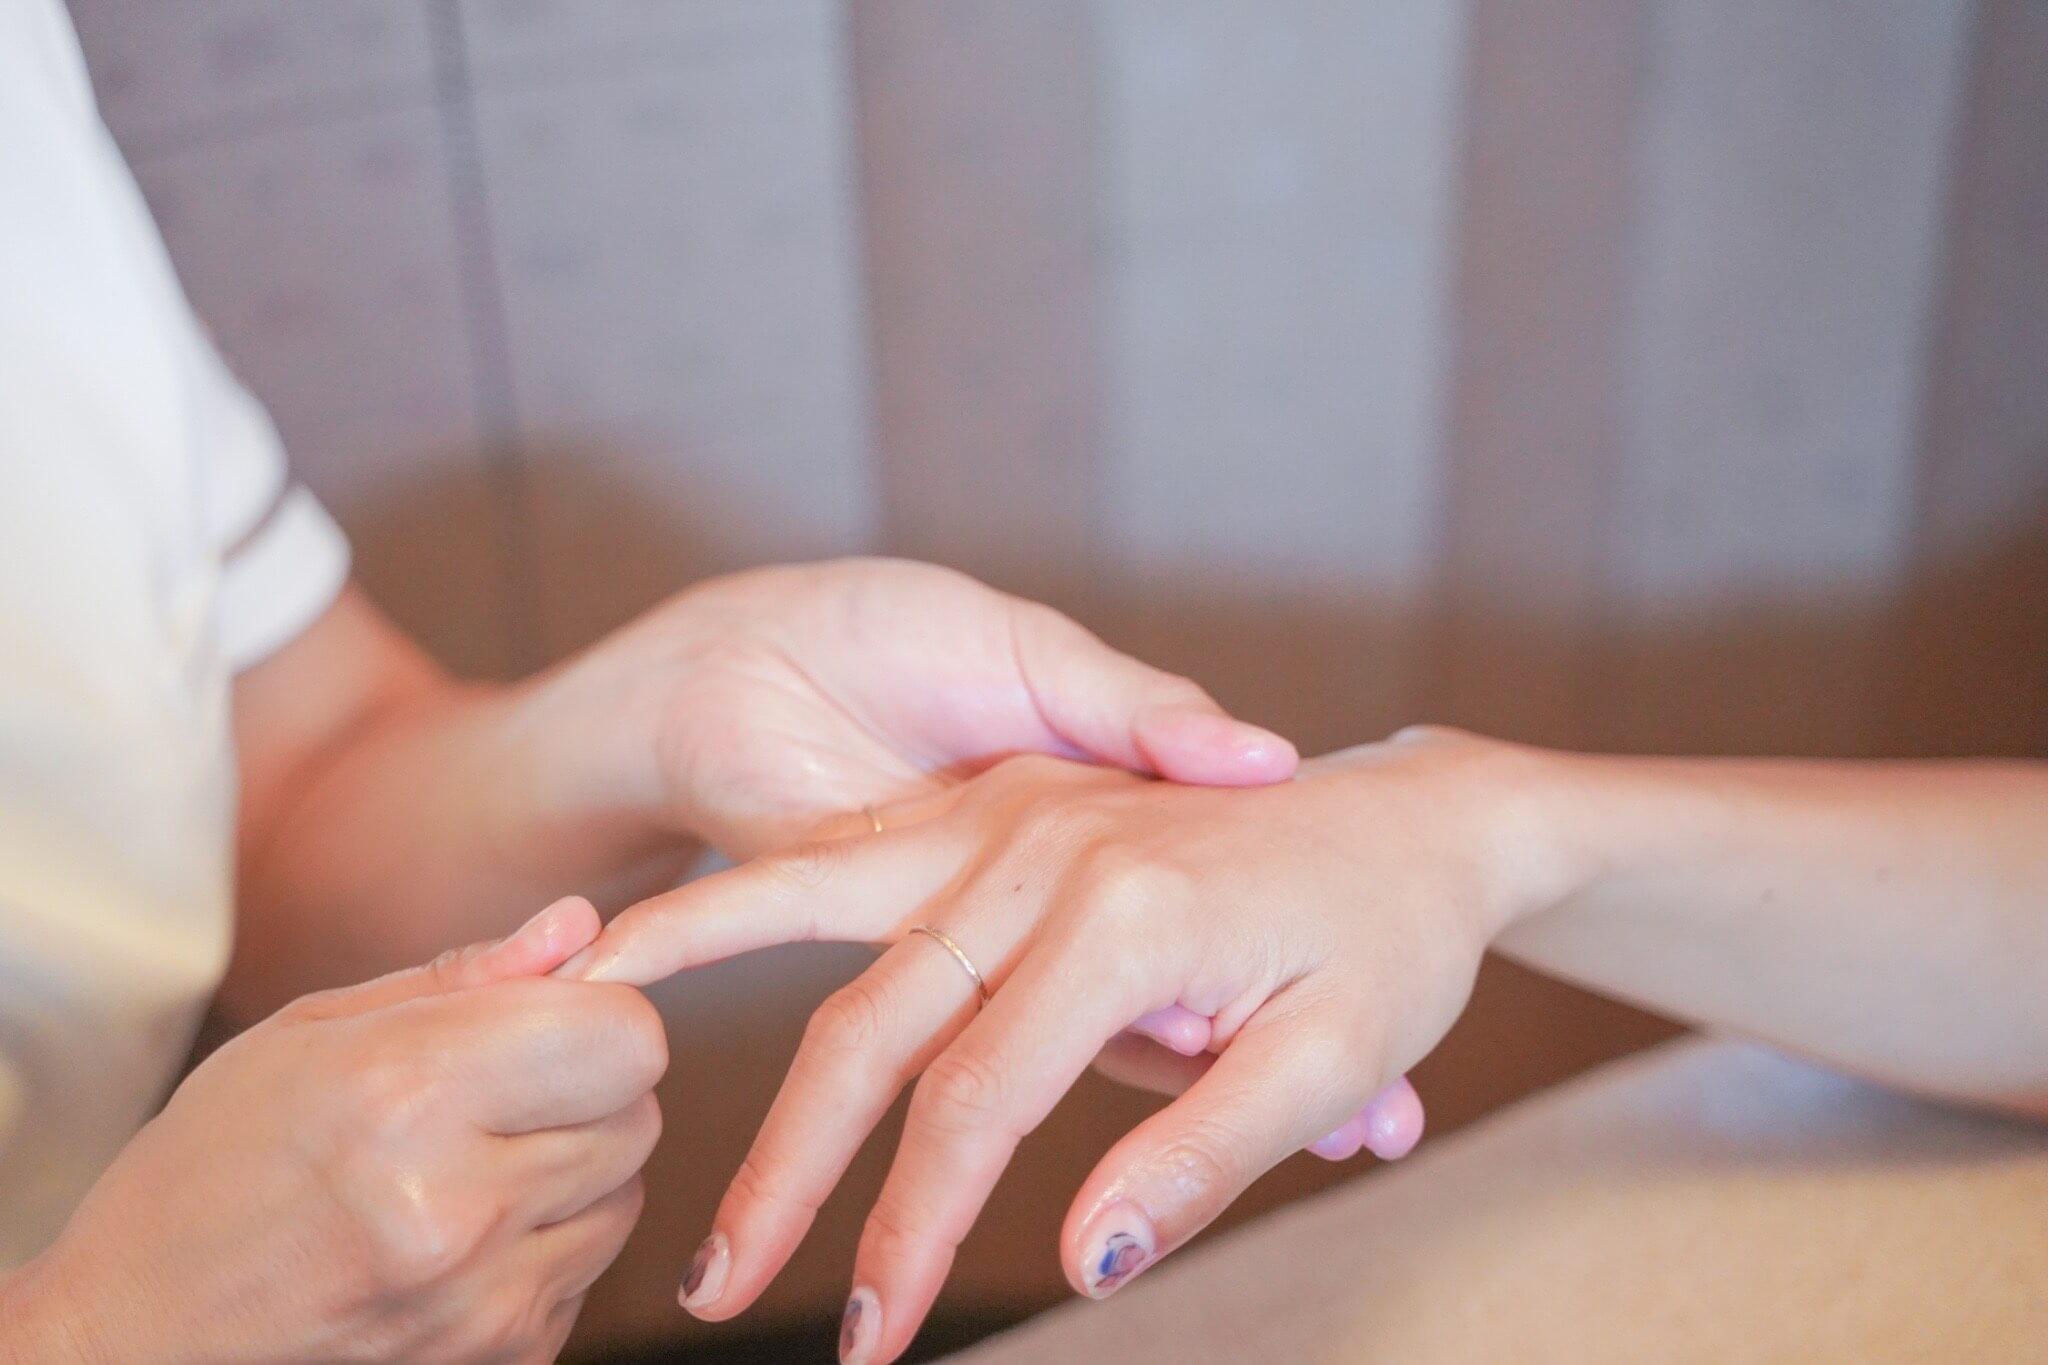 ポーズの手指の施術の様子